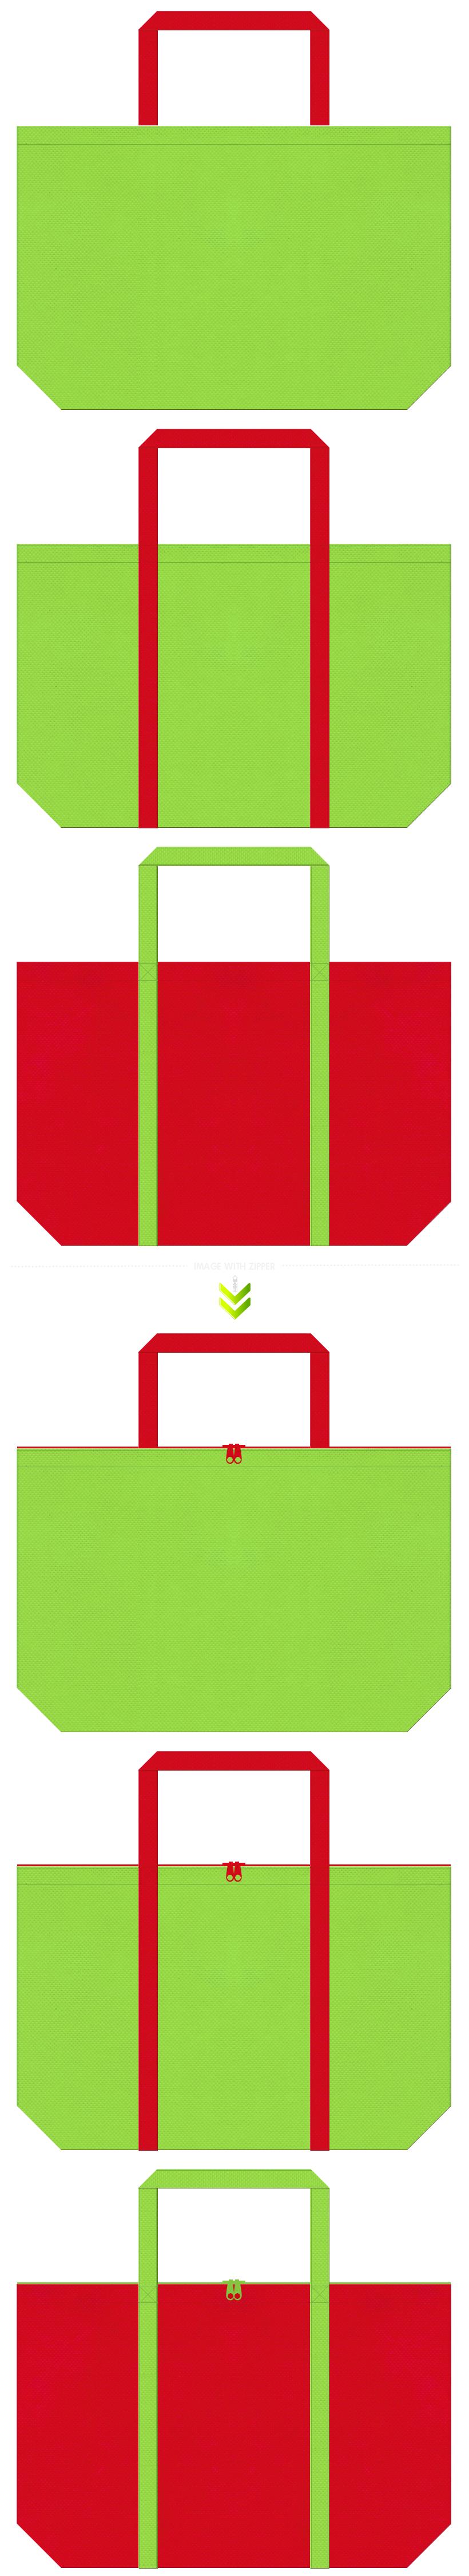 黄緑色と紅色の不織布エコバッグのデザイン。